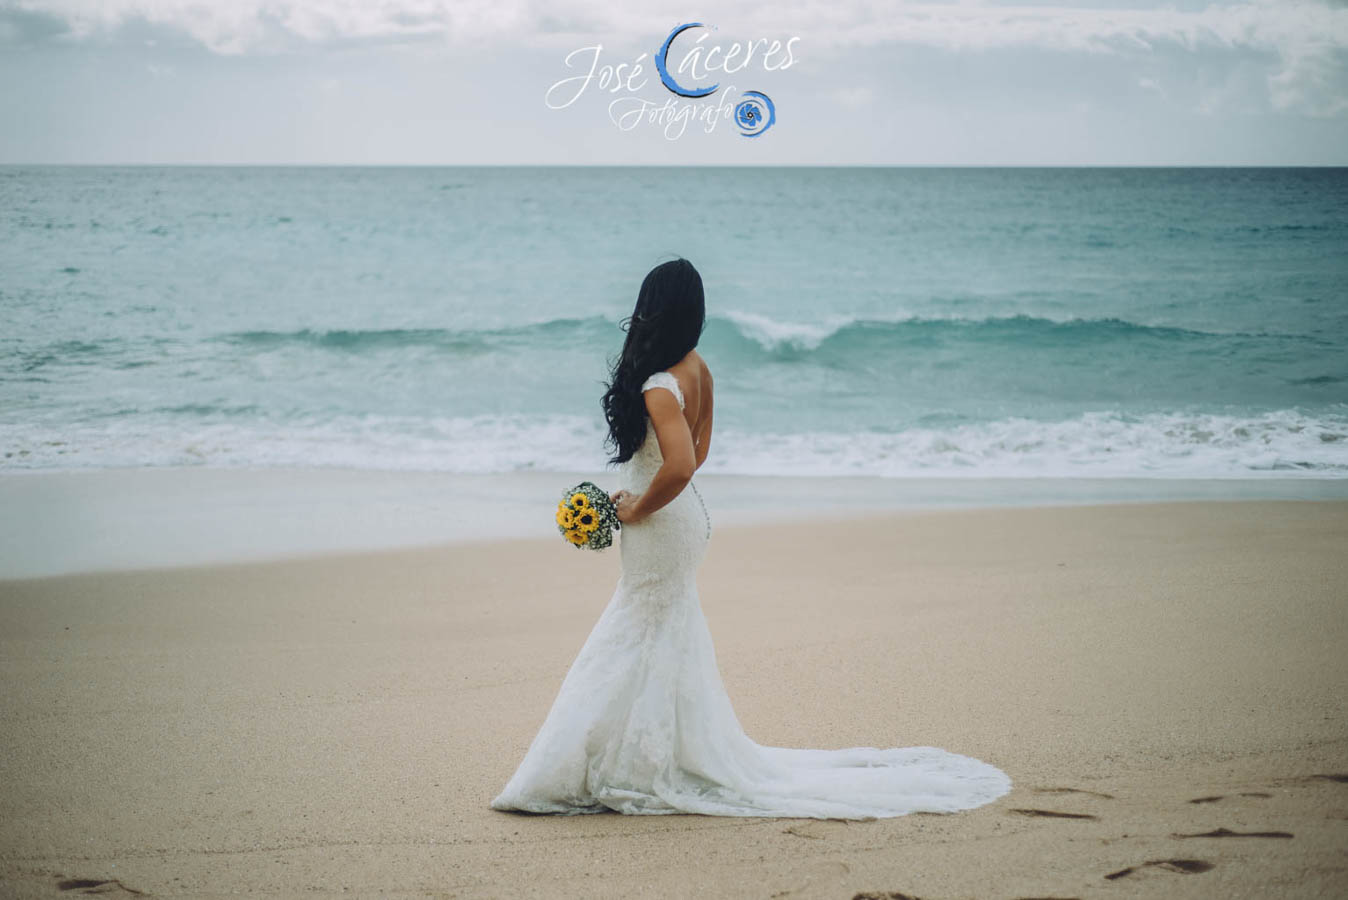 Sesion fotografica de jose caceres fotografia, post boda leticia y jose luis, playas-5